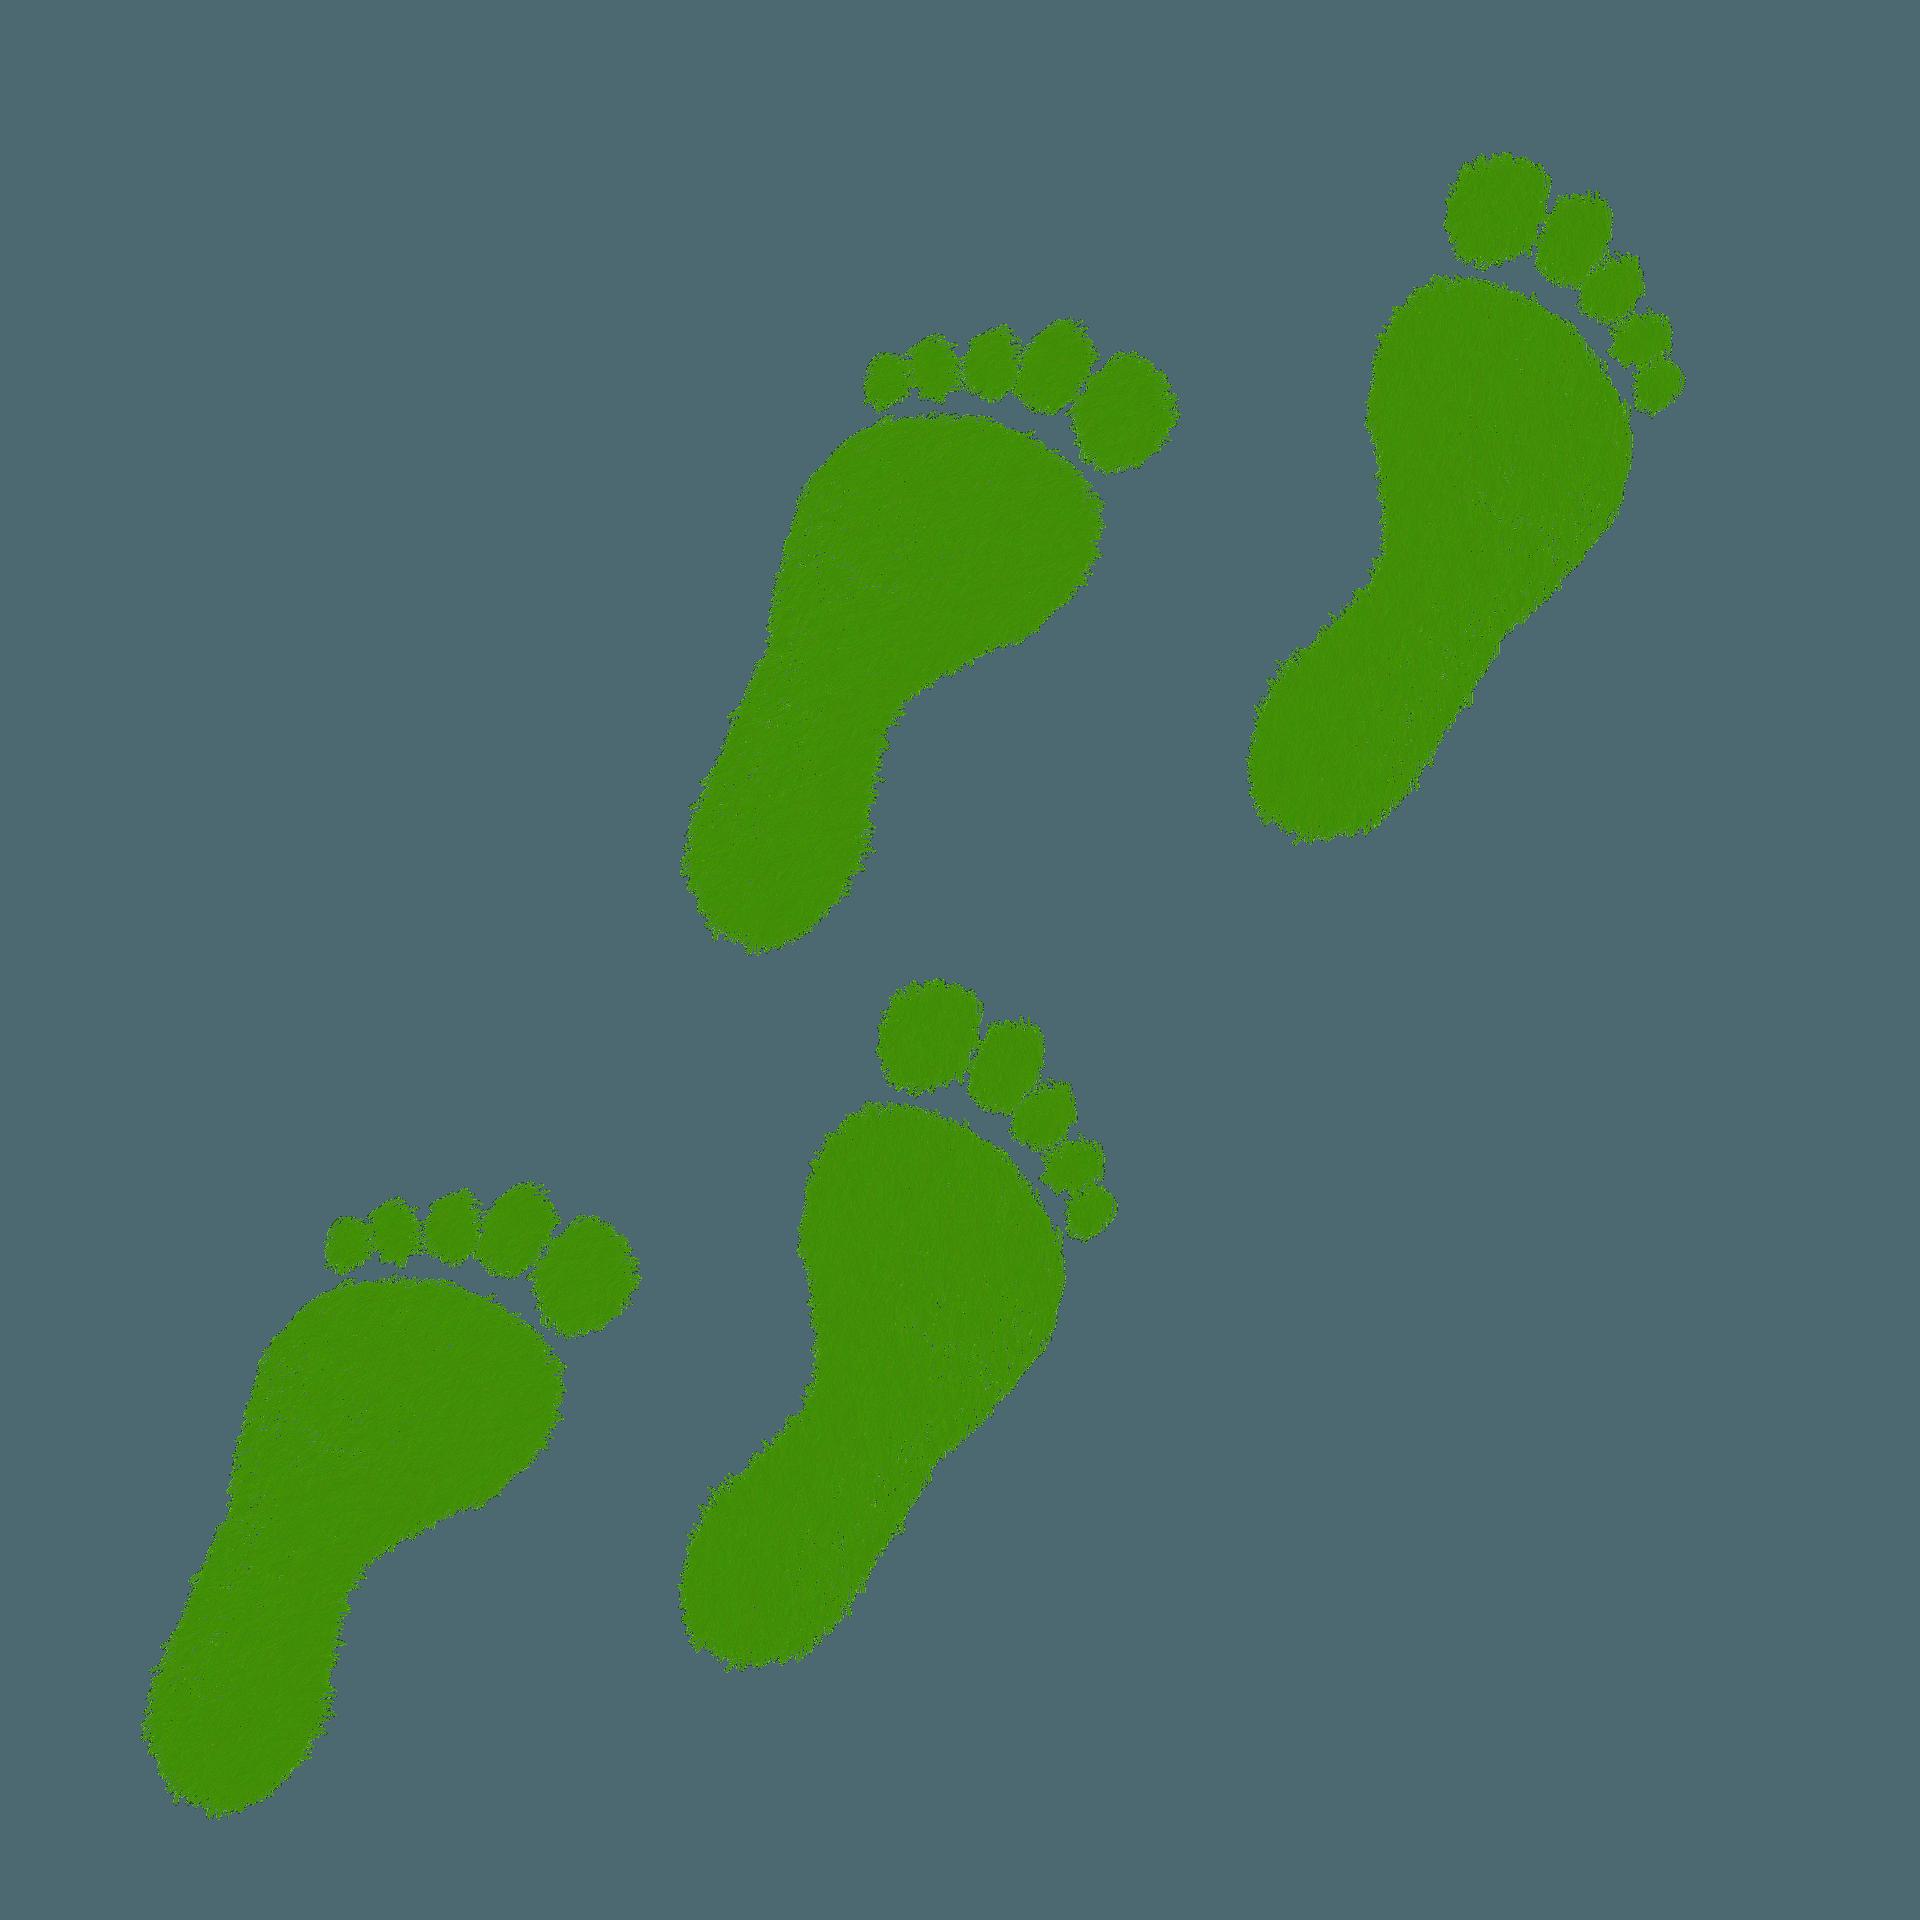 3 gestes simples pour réduire votre empreinte écologique cet été